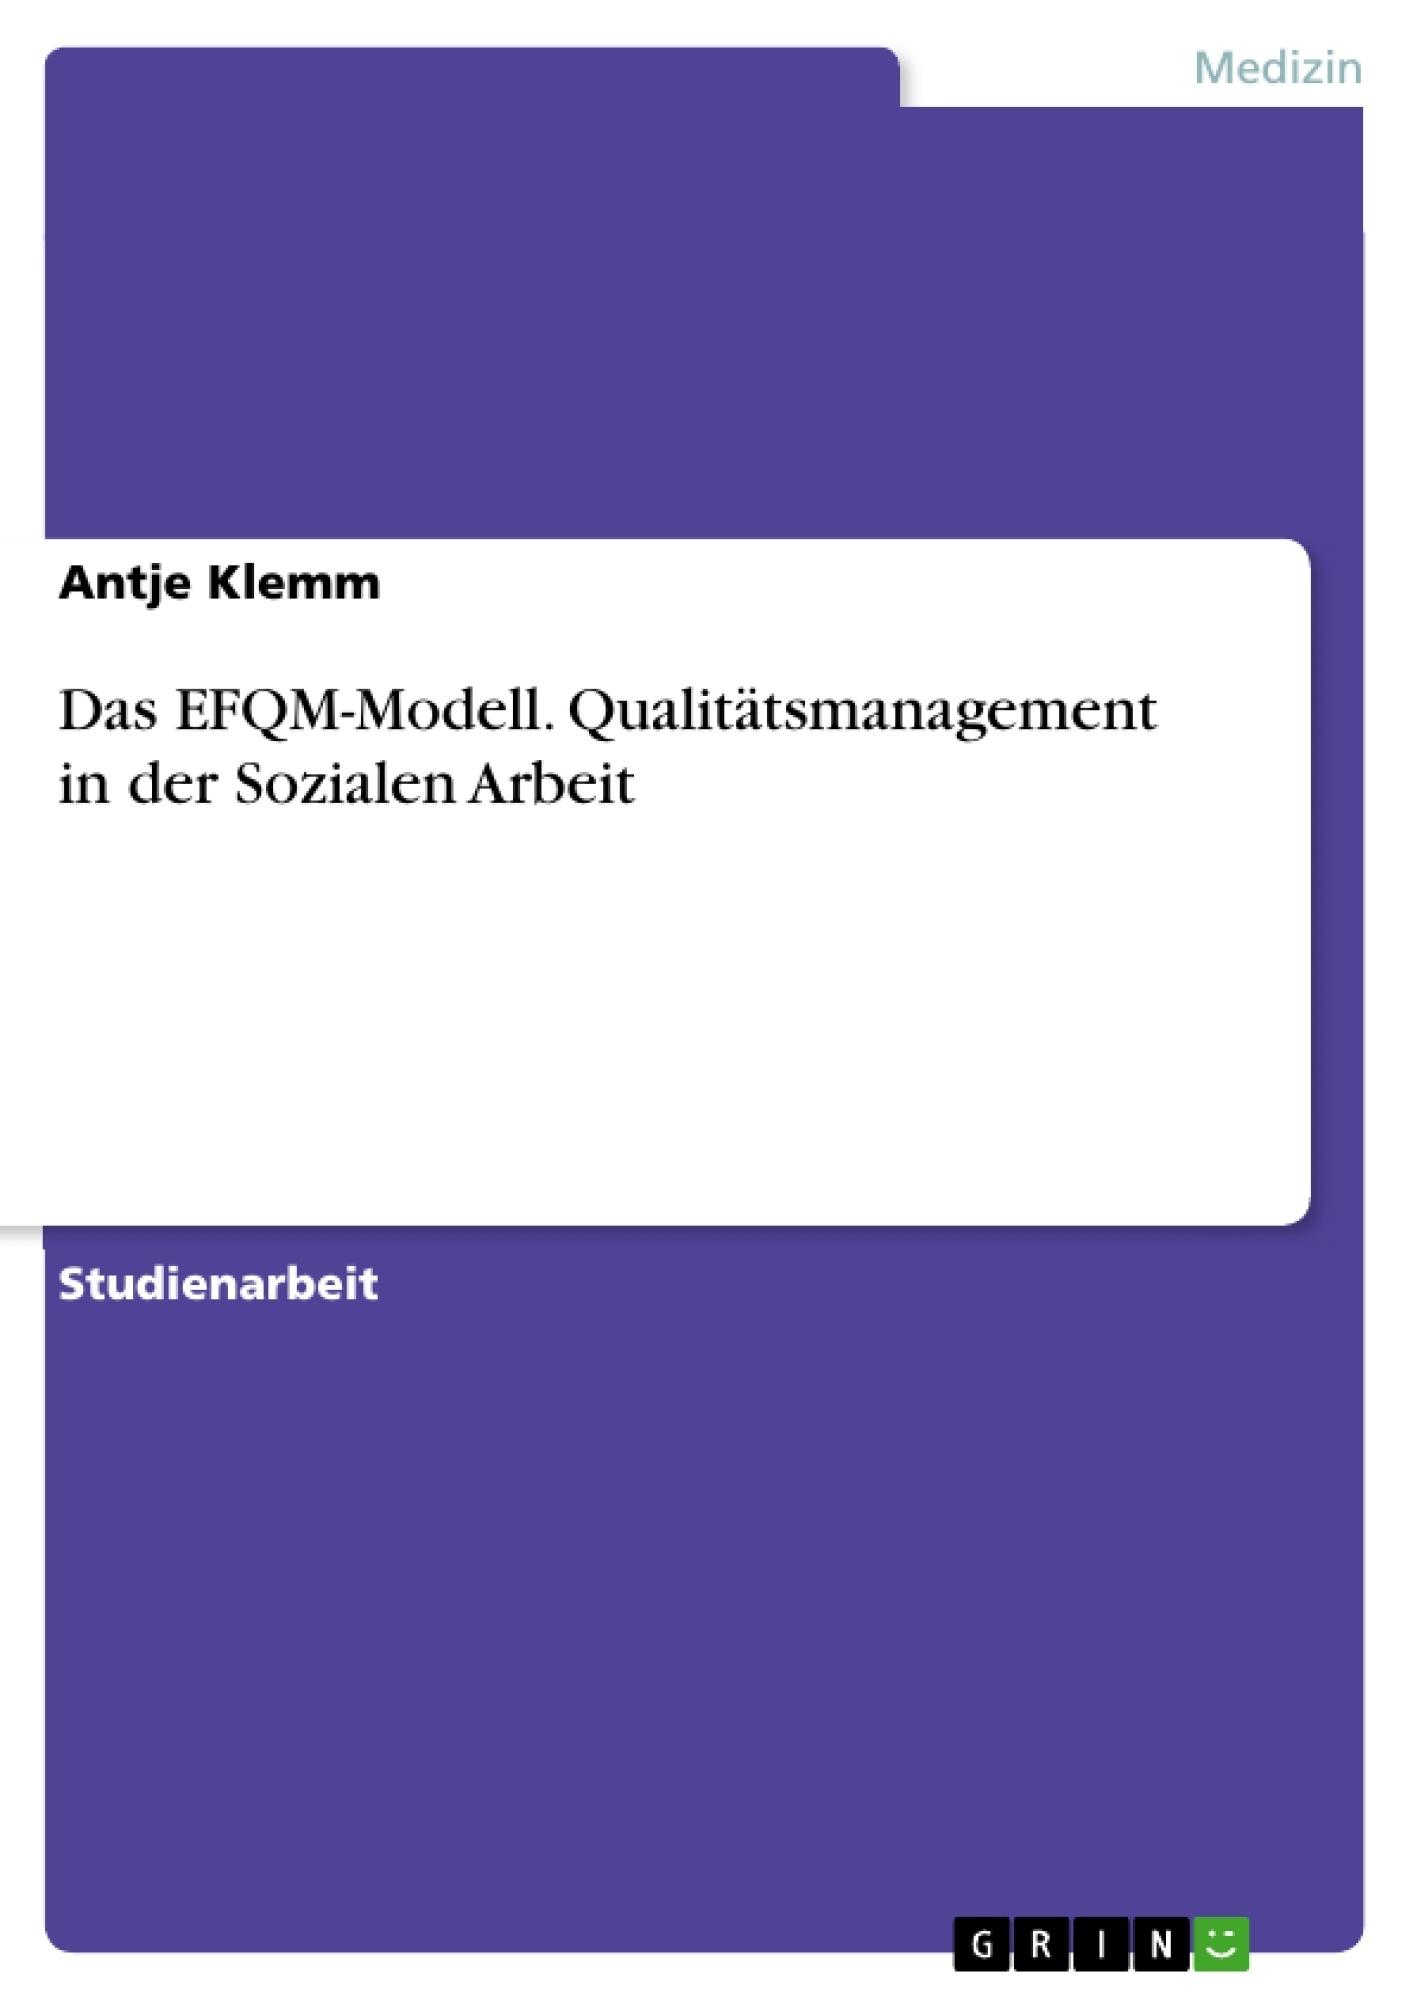 Titel: Das EFQM-Modell. Qualitätsmanagement in der Sozialen Arbeit